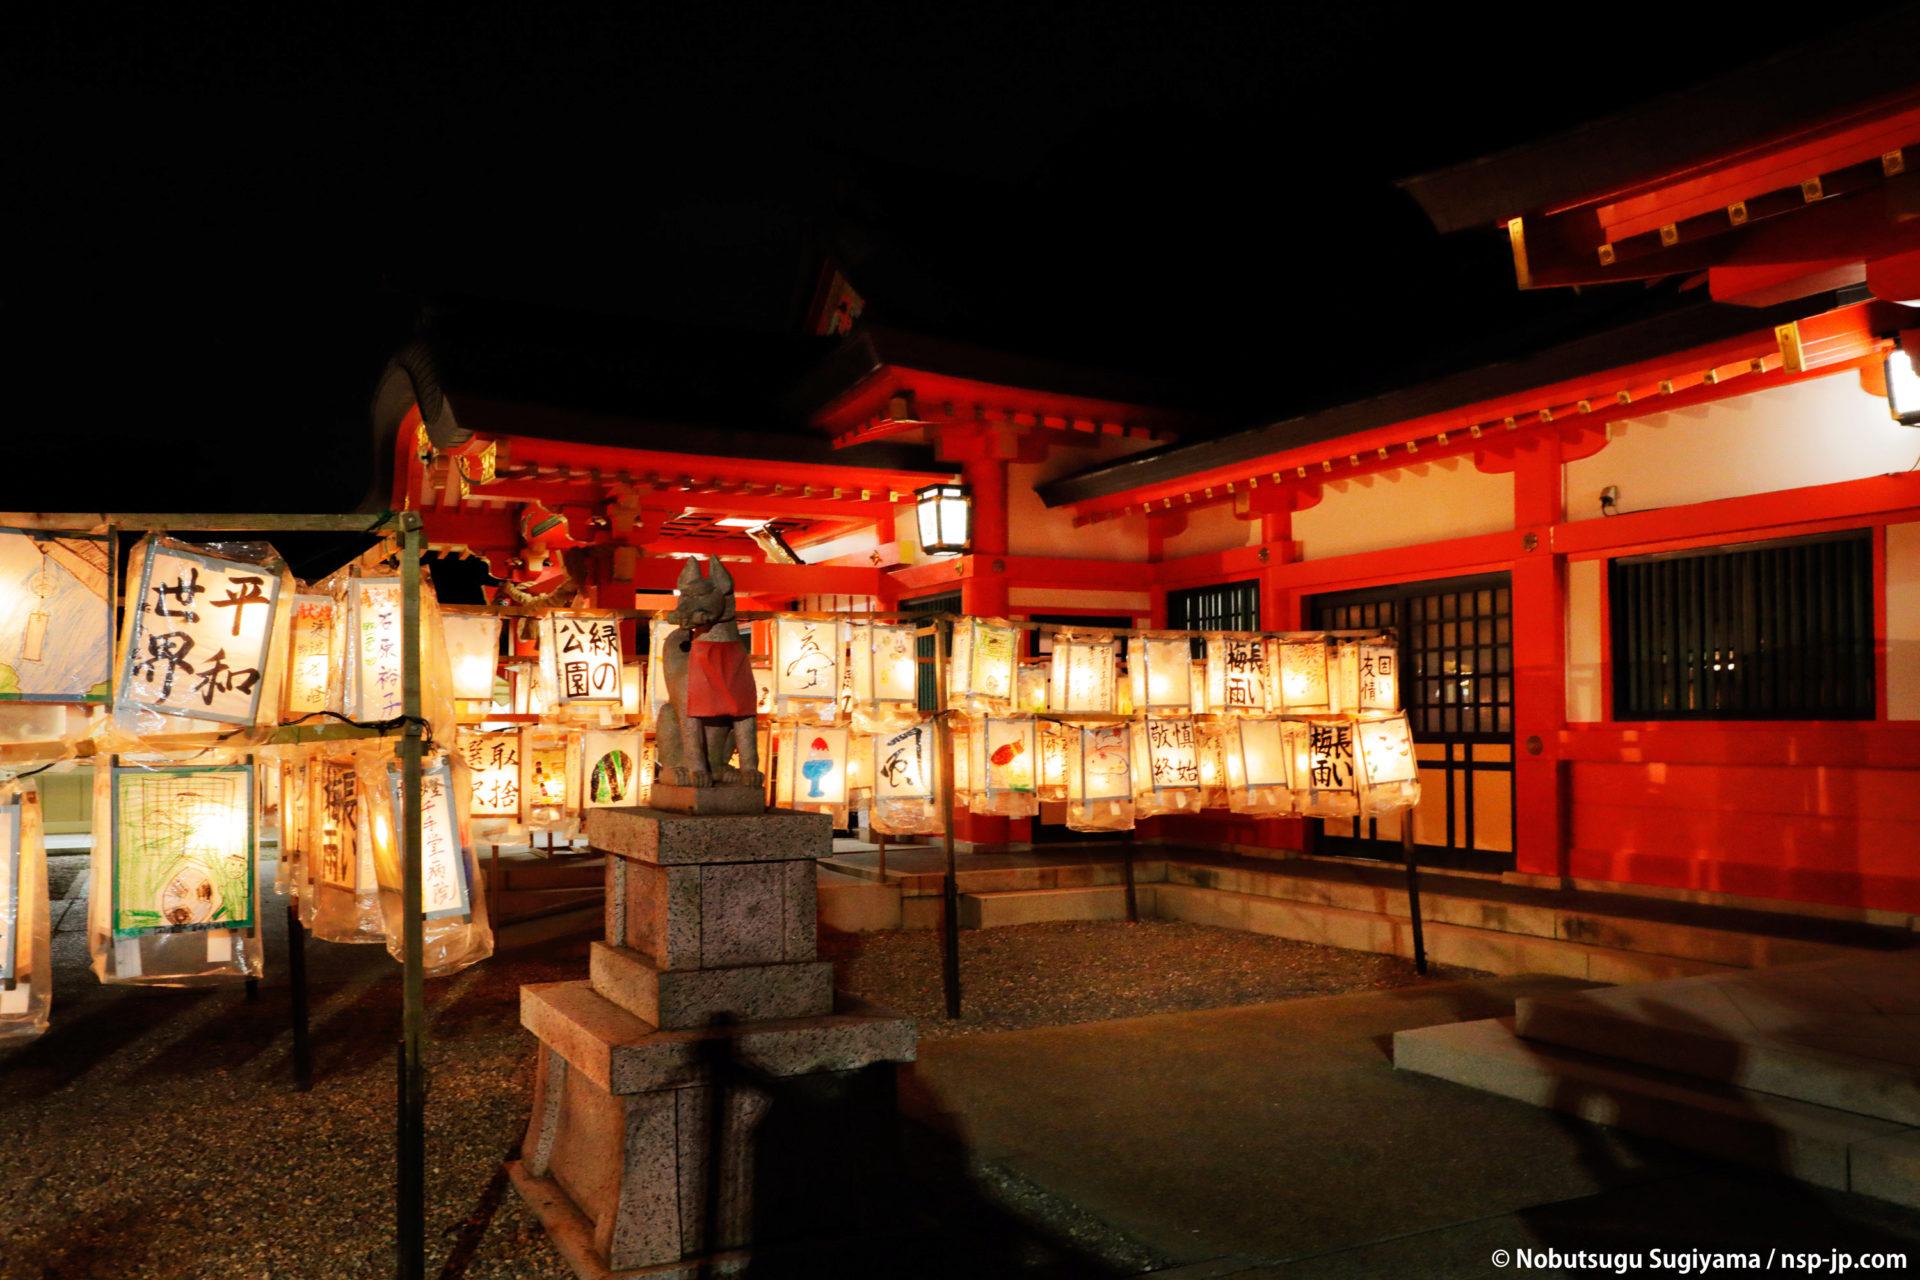 金神社-夏祭り | 岐阜 故郷巡礼 by 杉山宣嗣